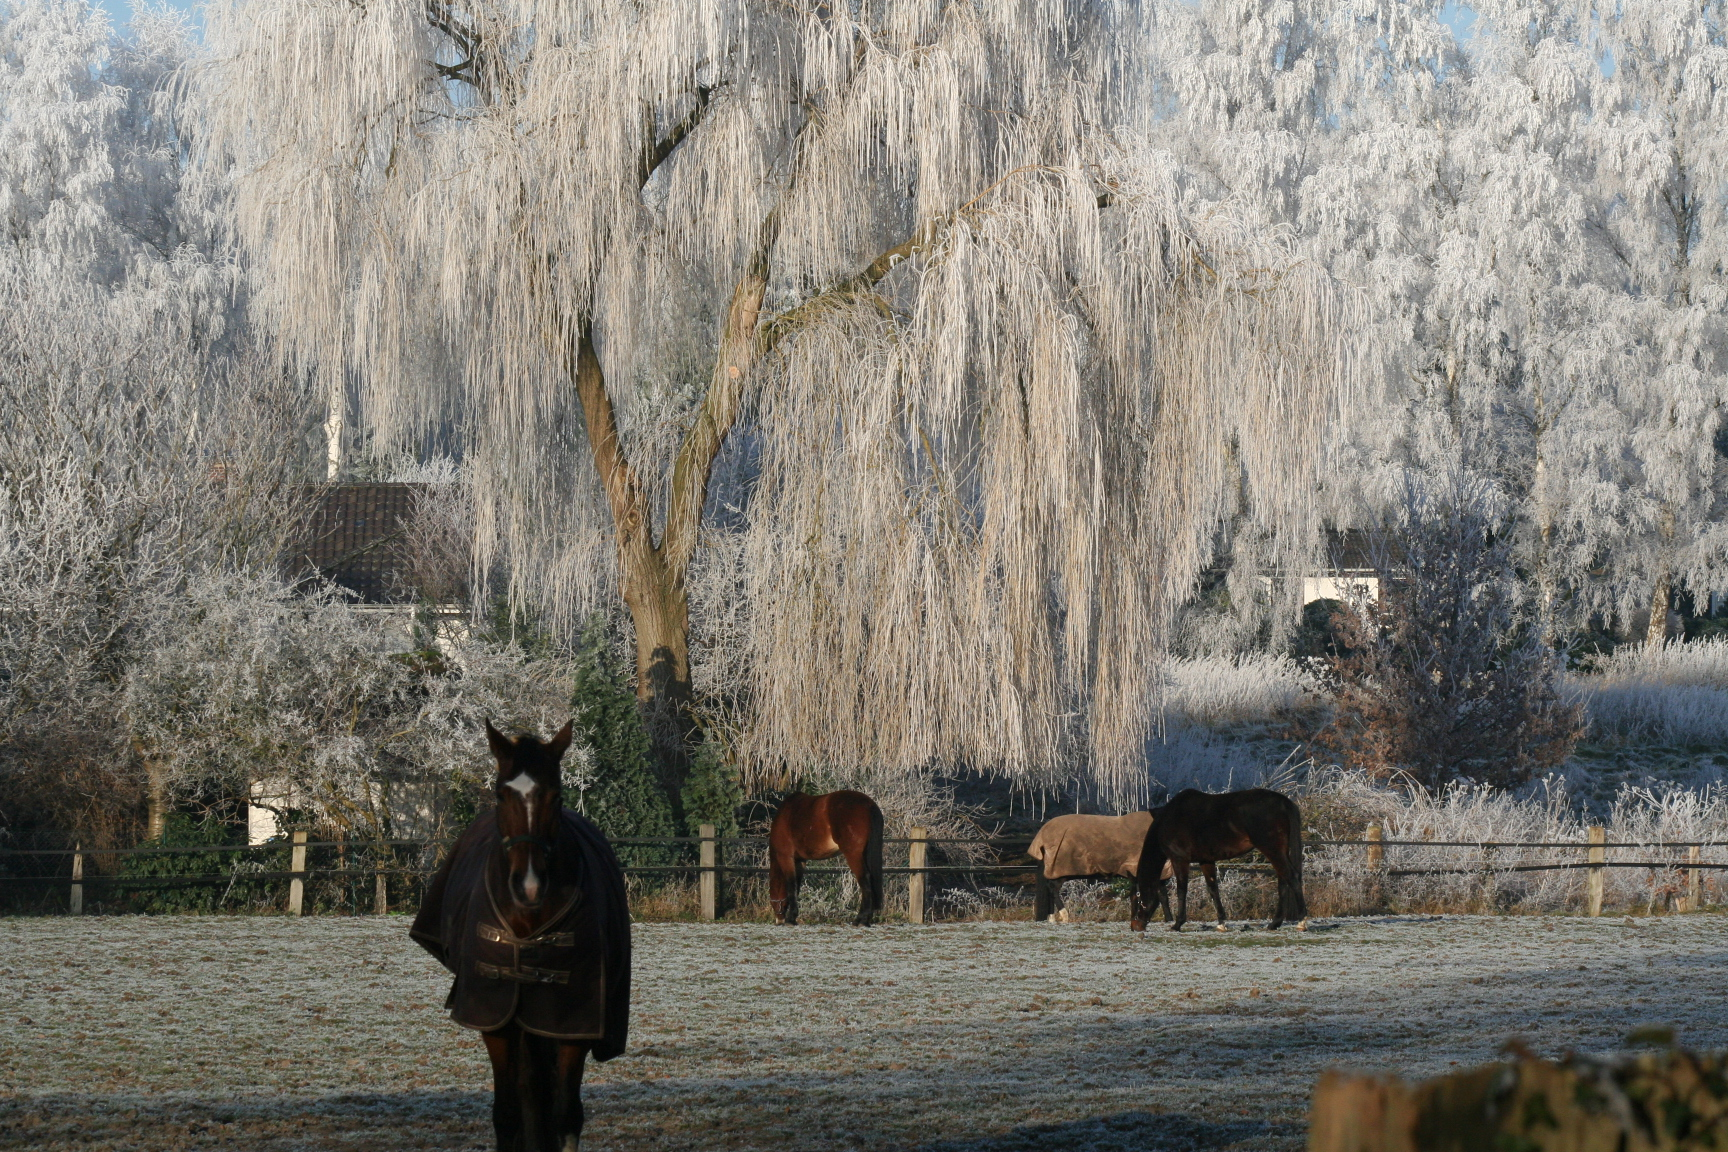 Pferde im Winter auf Weide